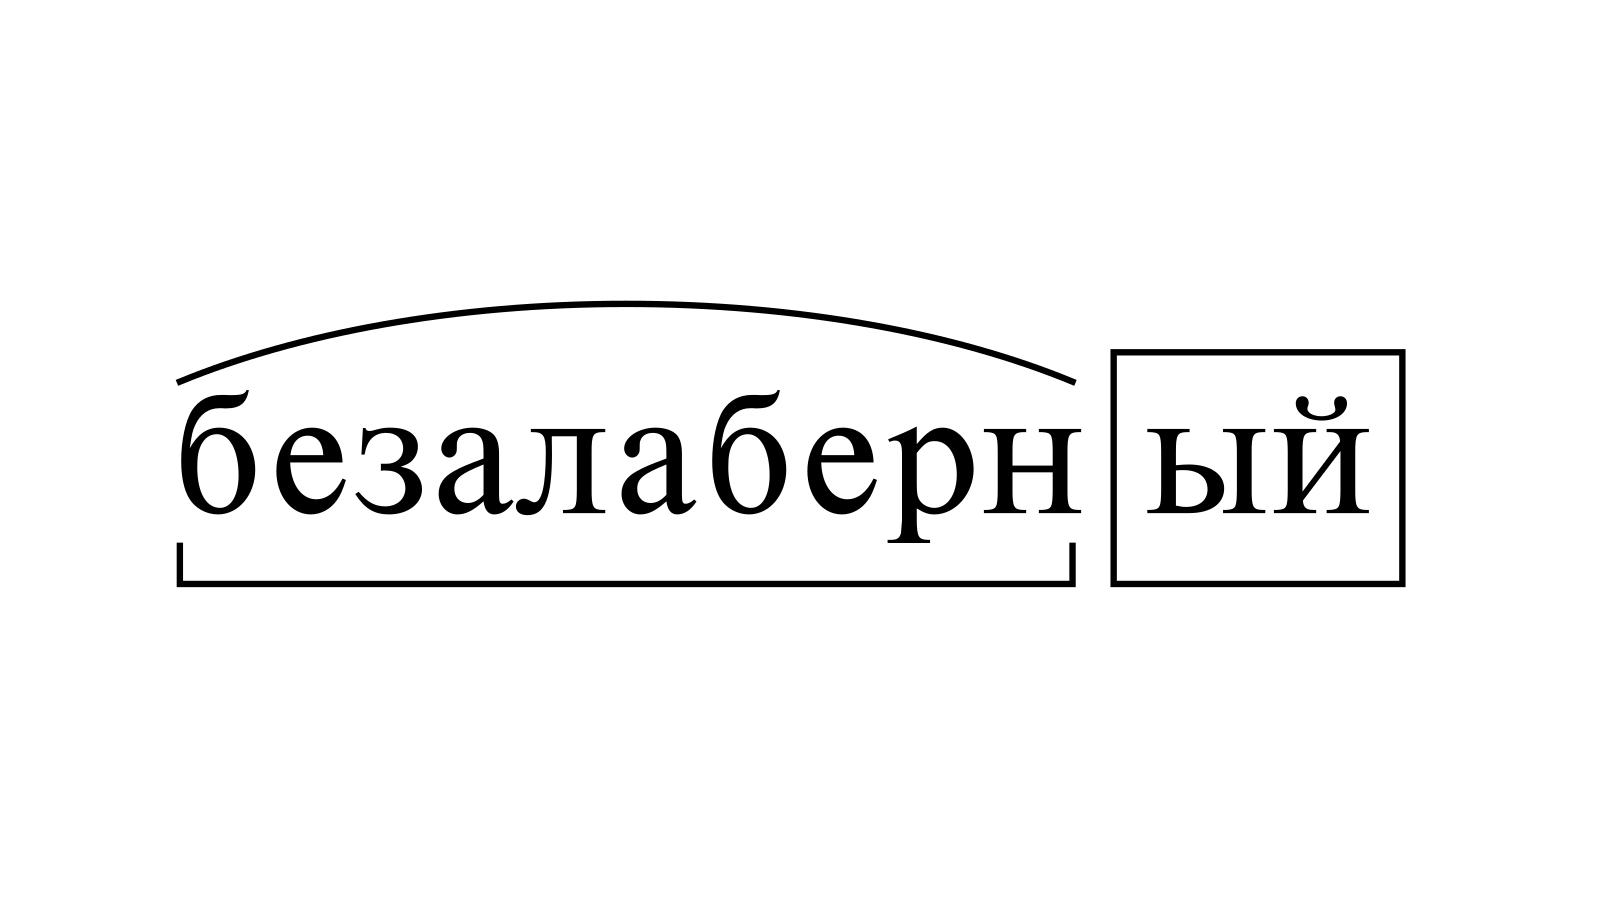 Разбор слова «безалаберный» по составу